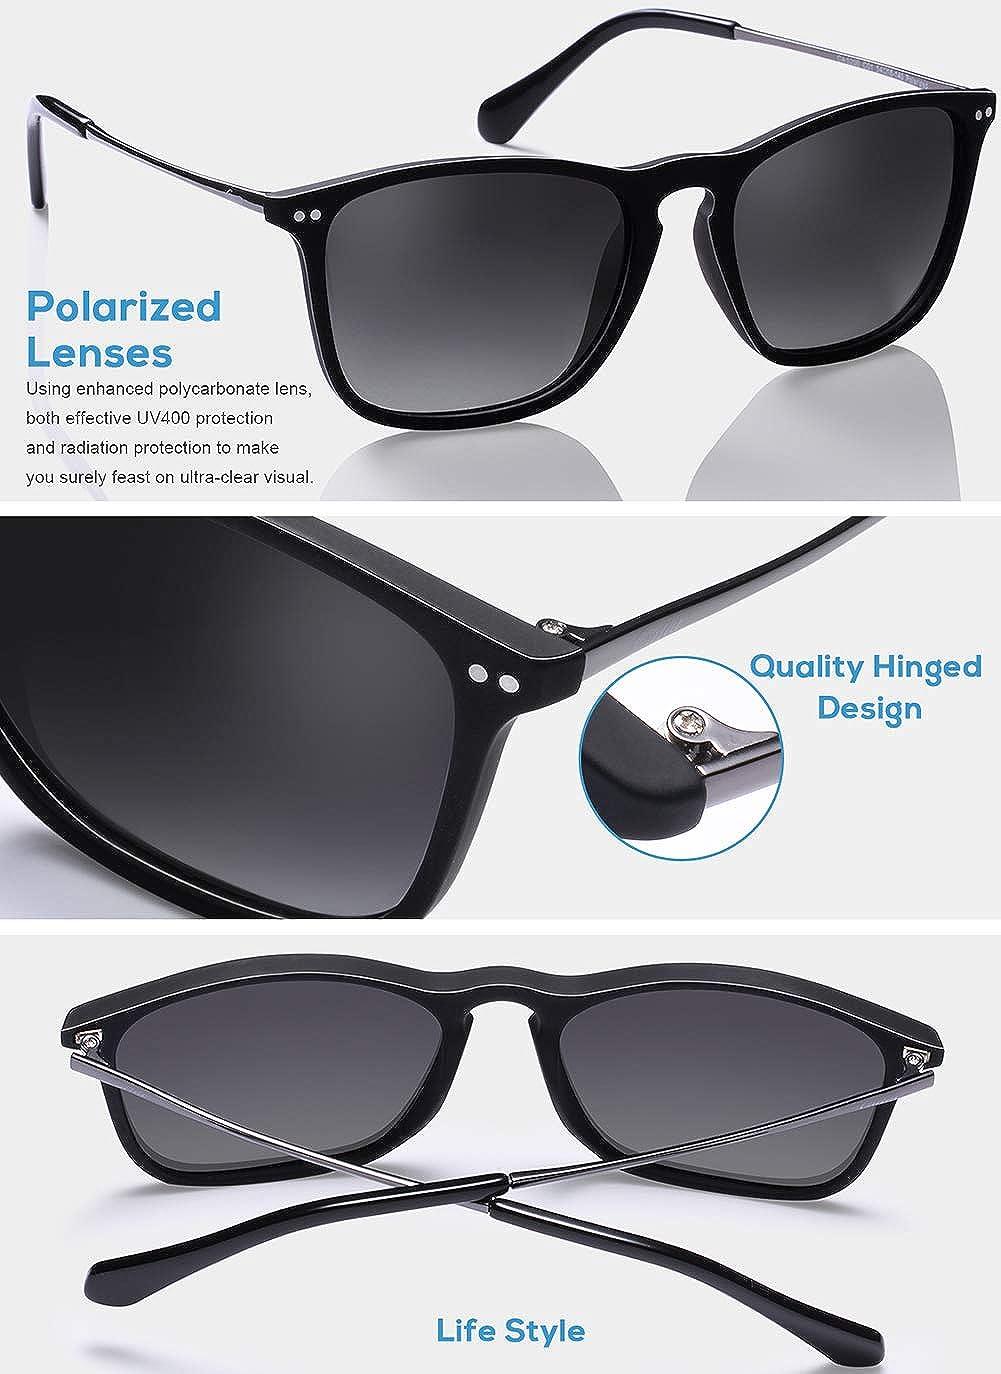 Carfia Gafas de Sol Hombre Mujer UV400 Protecci/ón Gafas de Sol Polarizadas